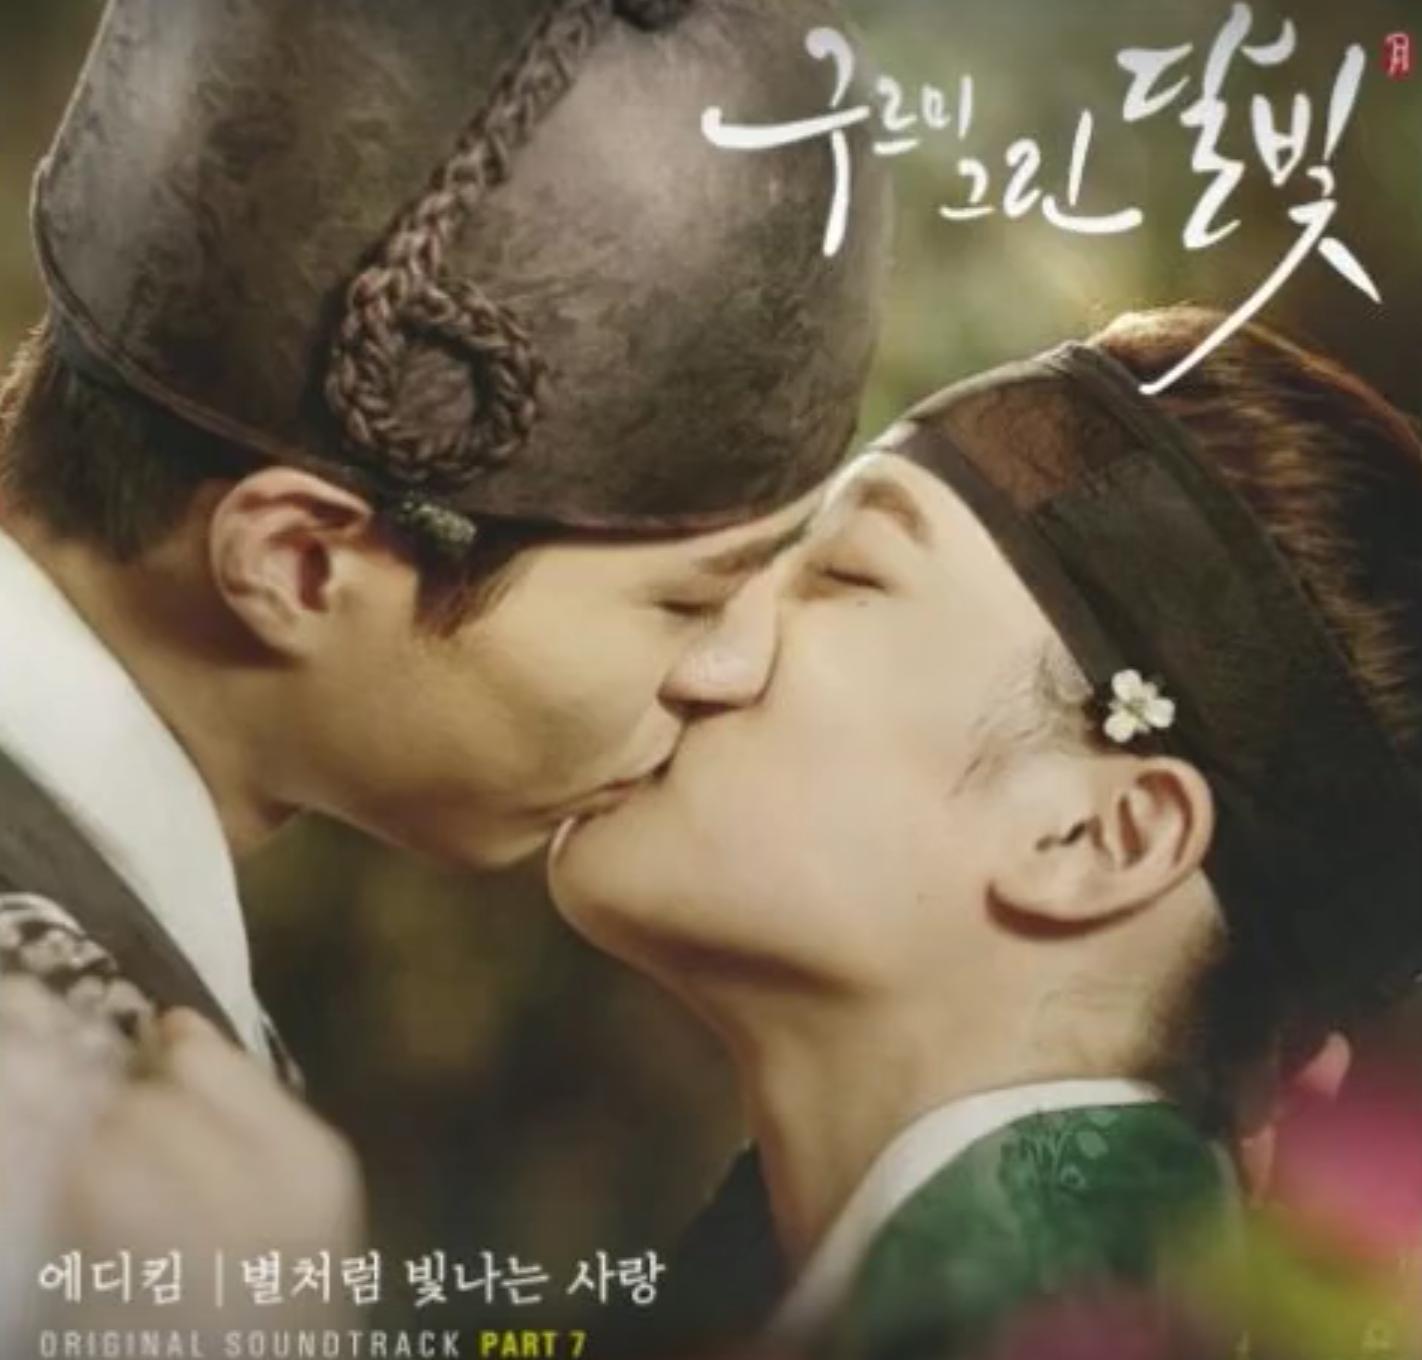 """Eddy Kim promete su eterno amor en nuevo OST para """"Moonlight Drawn By Clouds"""""""